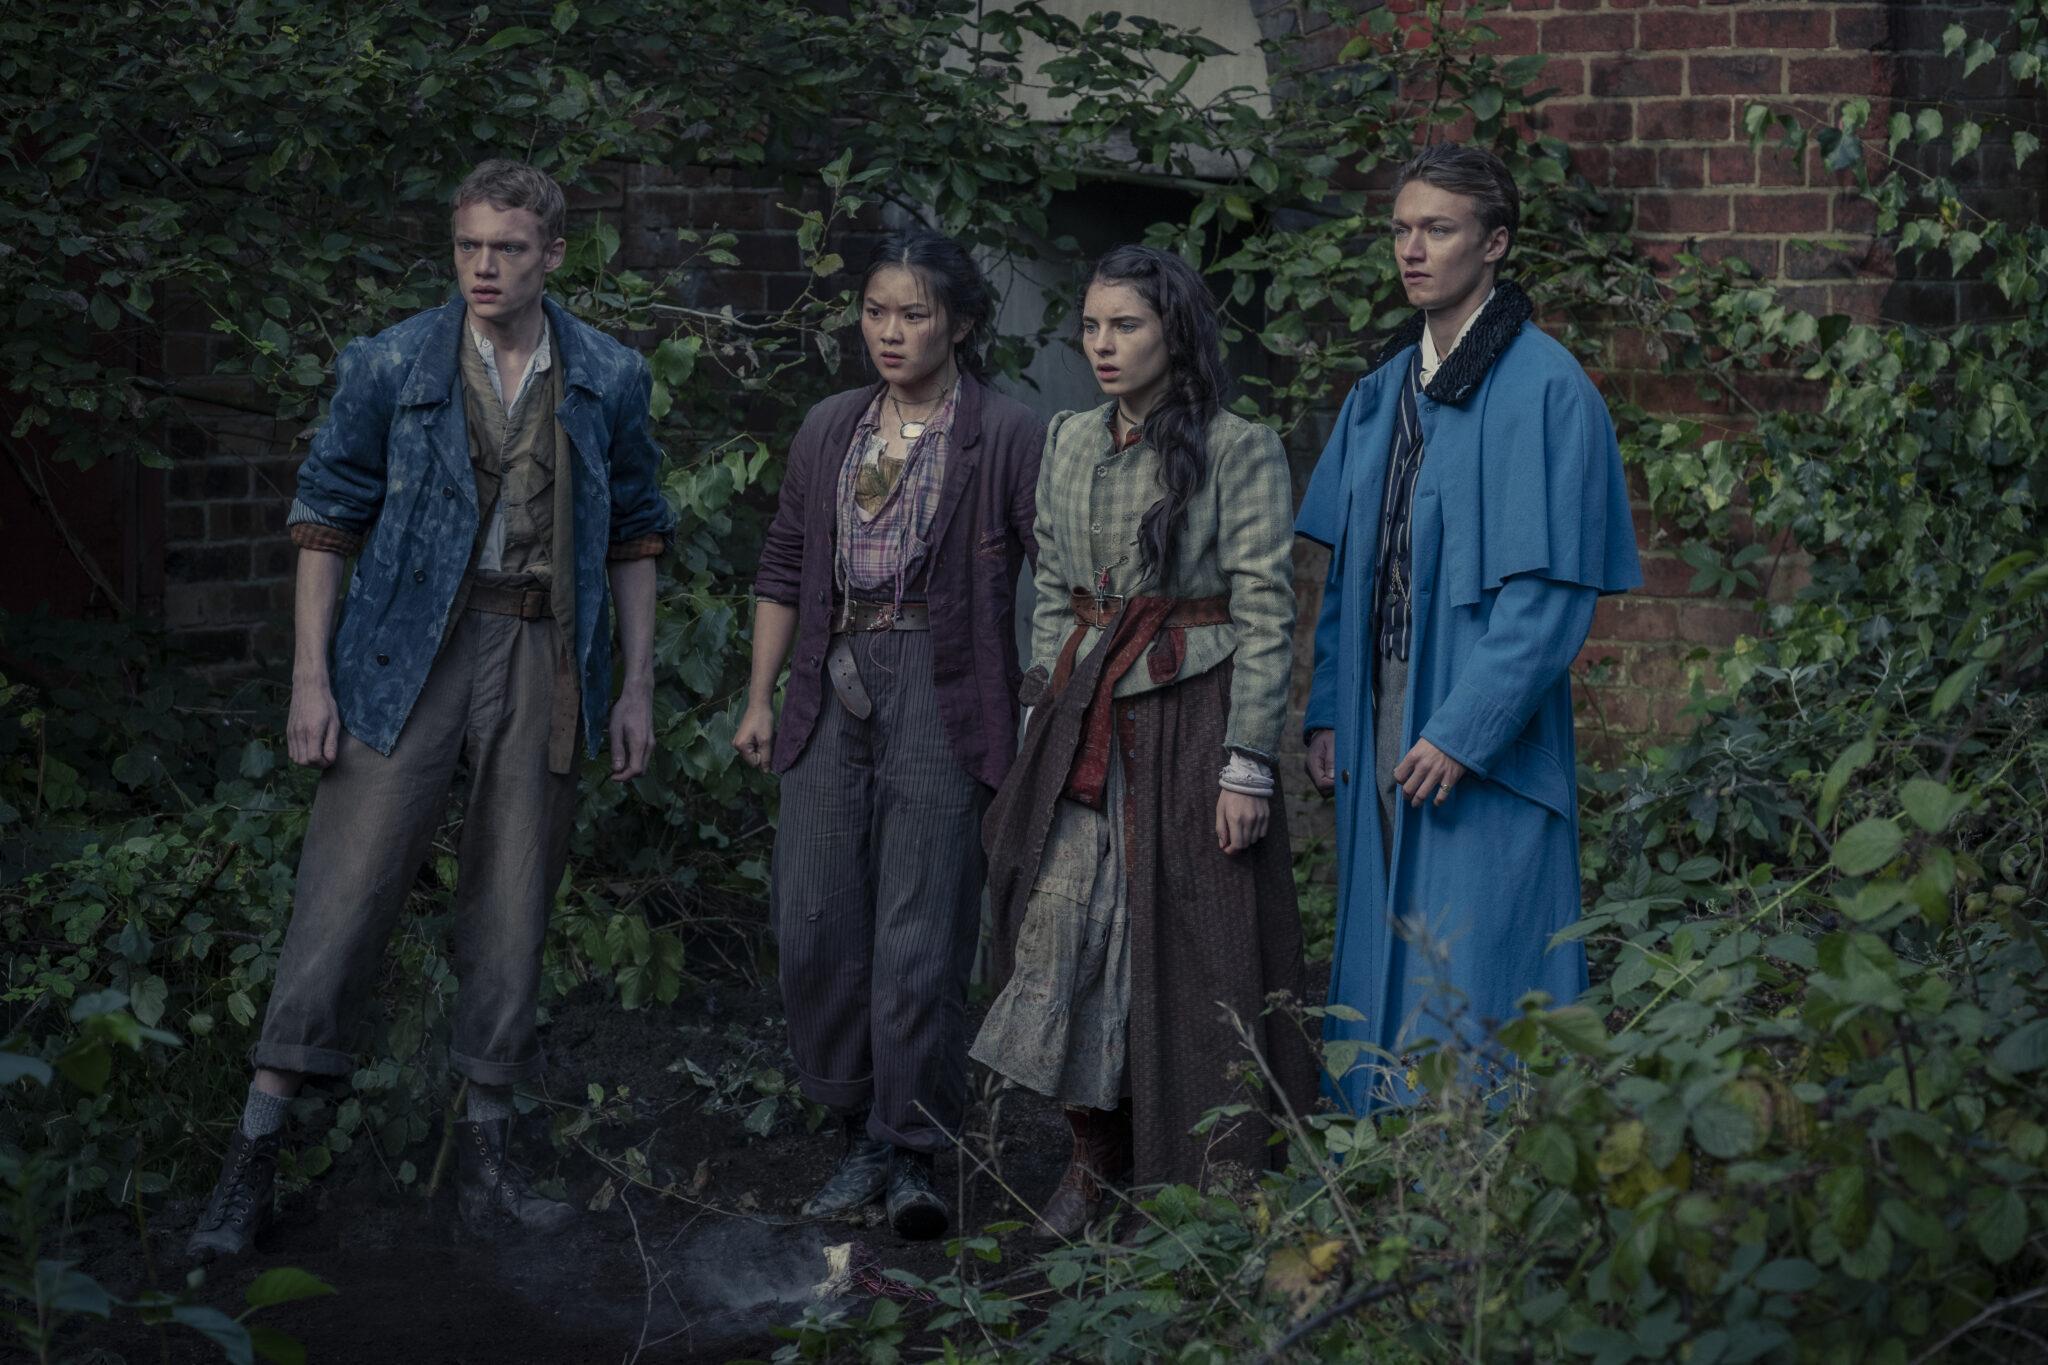 Die Bande aus der Baker Street steht vor einem eingewachsenen Mauerwerk. Von links nach rechts: Billy (Jojo Macari), Bea (Thaddea Graham), Jessie (Darci Shaw) und Leo (Harrison Osterfield)